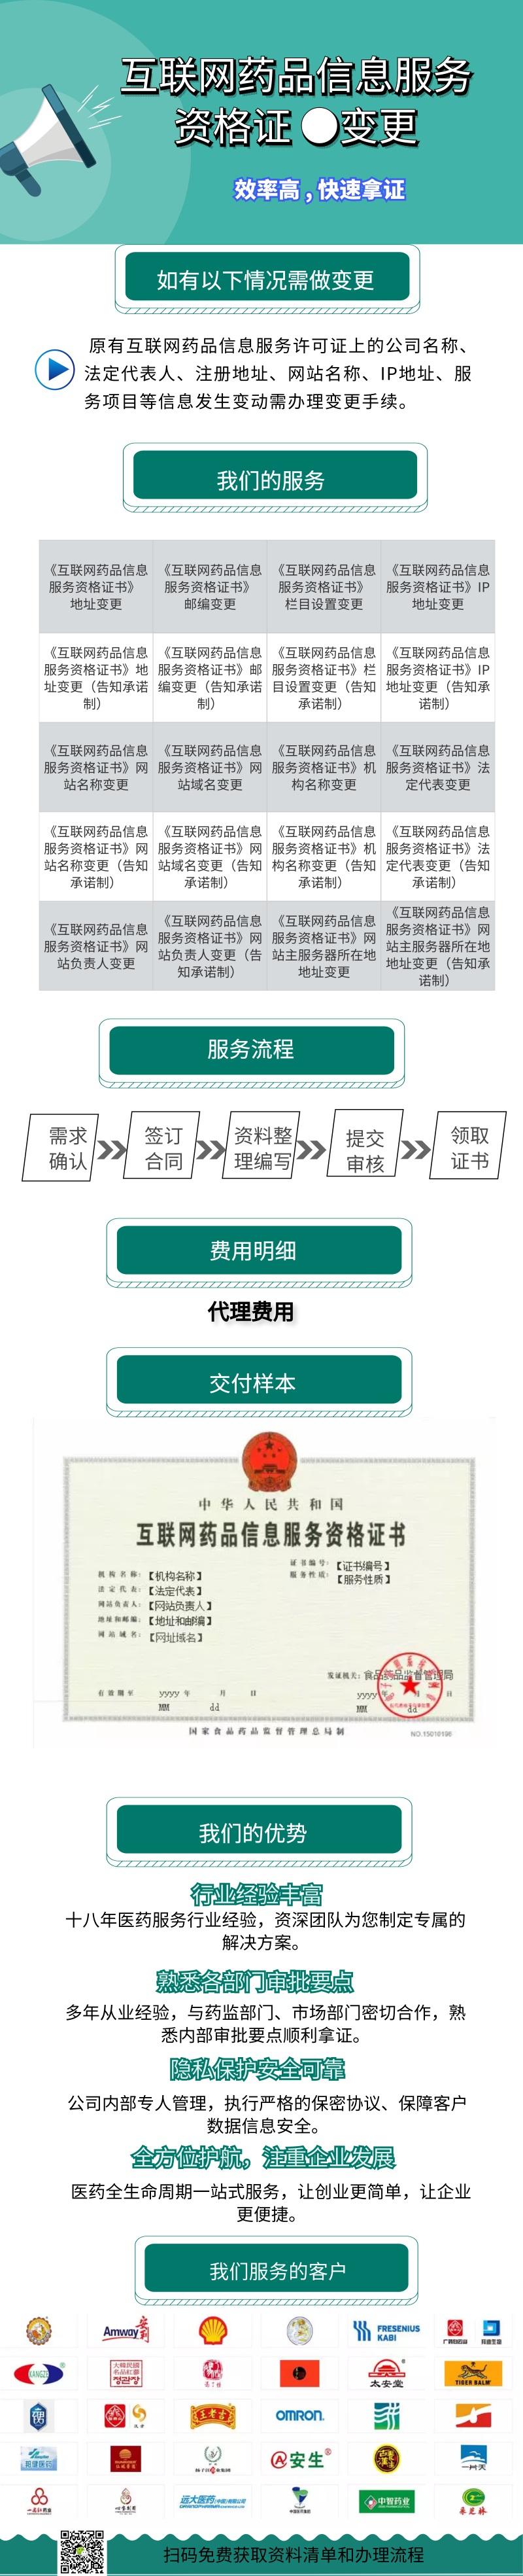 互联药品信息服务资格证-变更4.8.jpg